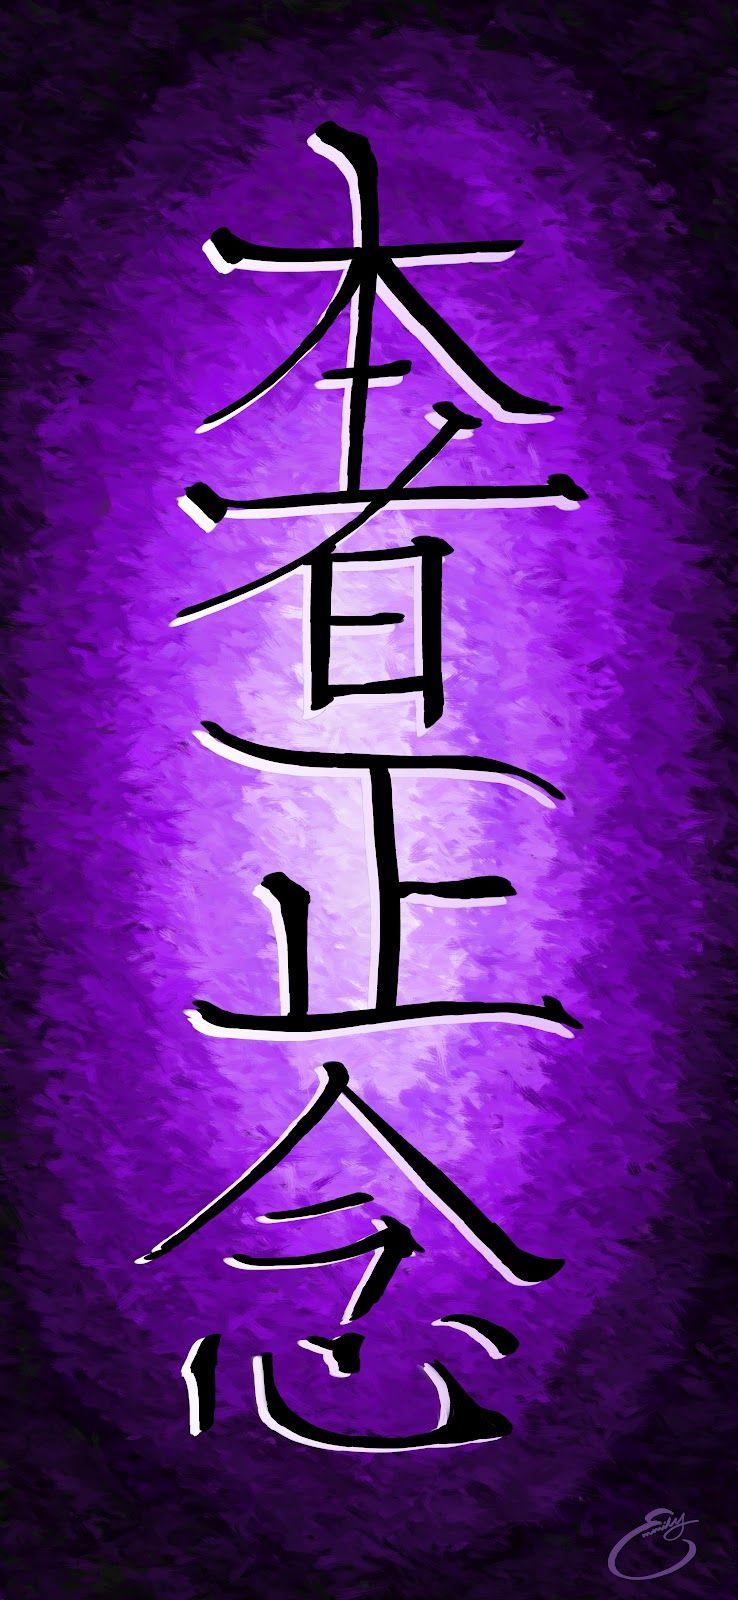 Second Degree Reiki Symbol Emmily Kalyvas Reikihealing